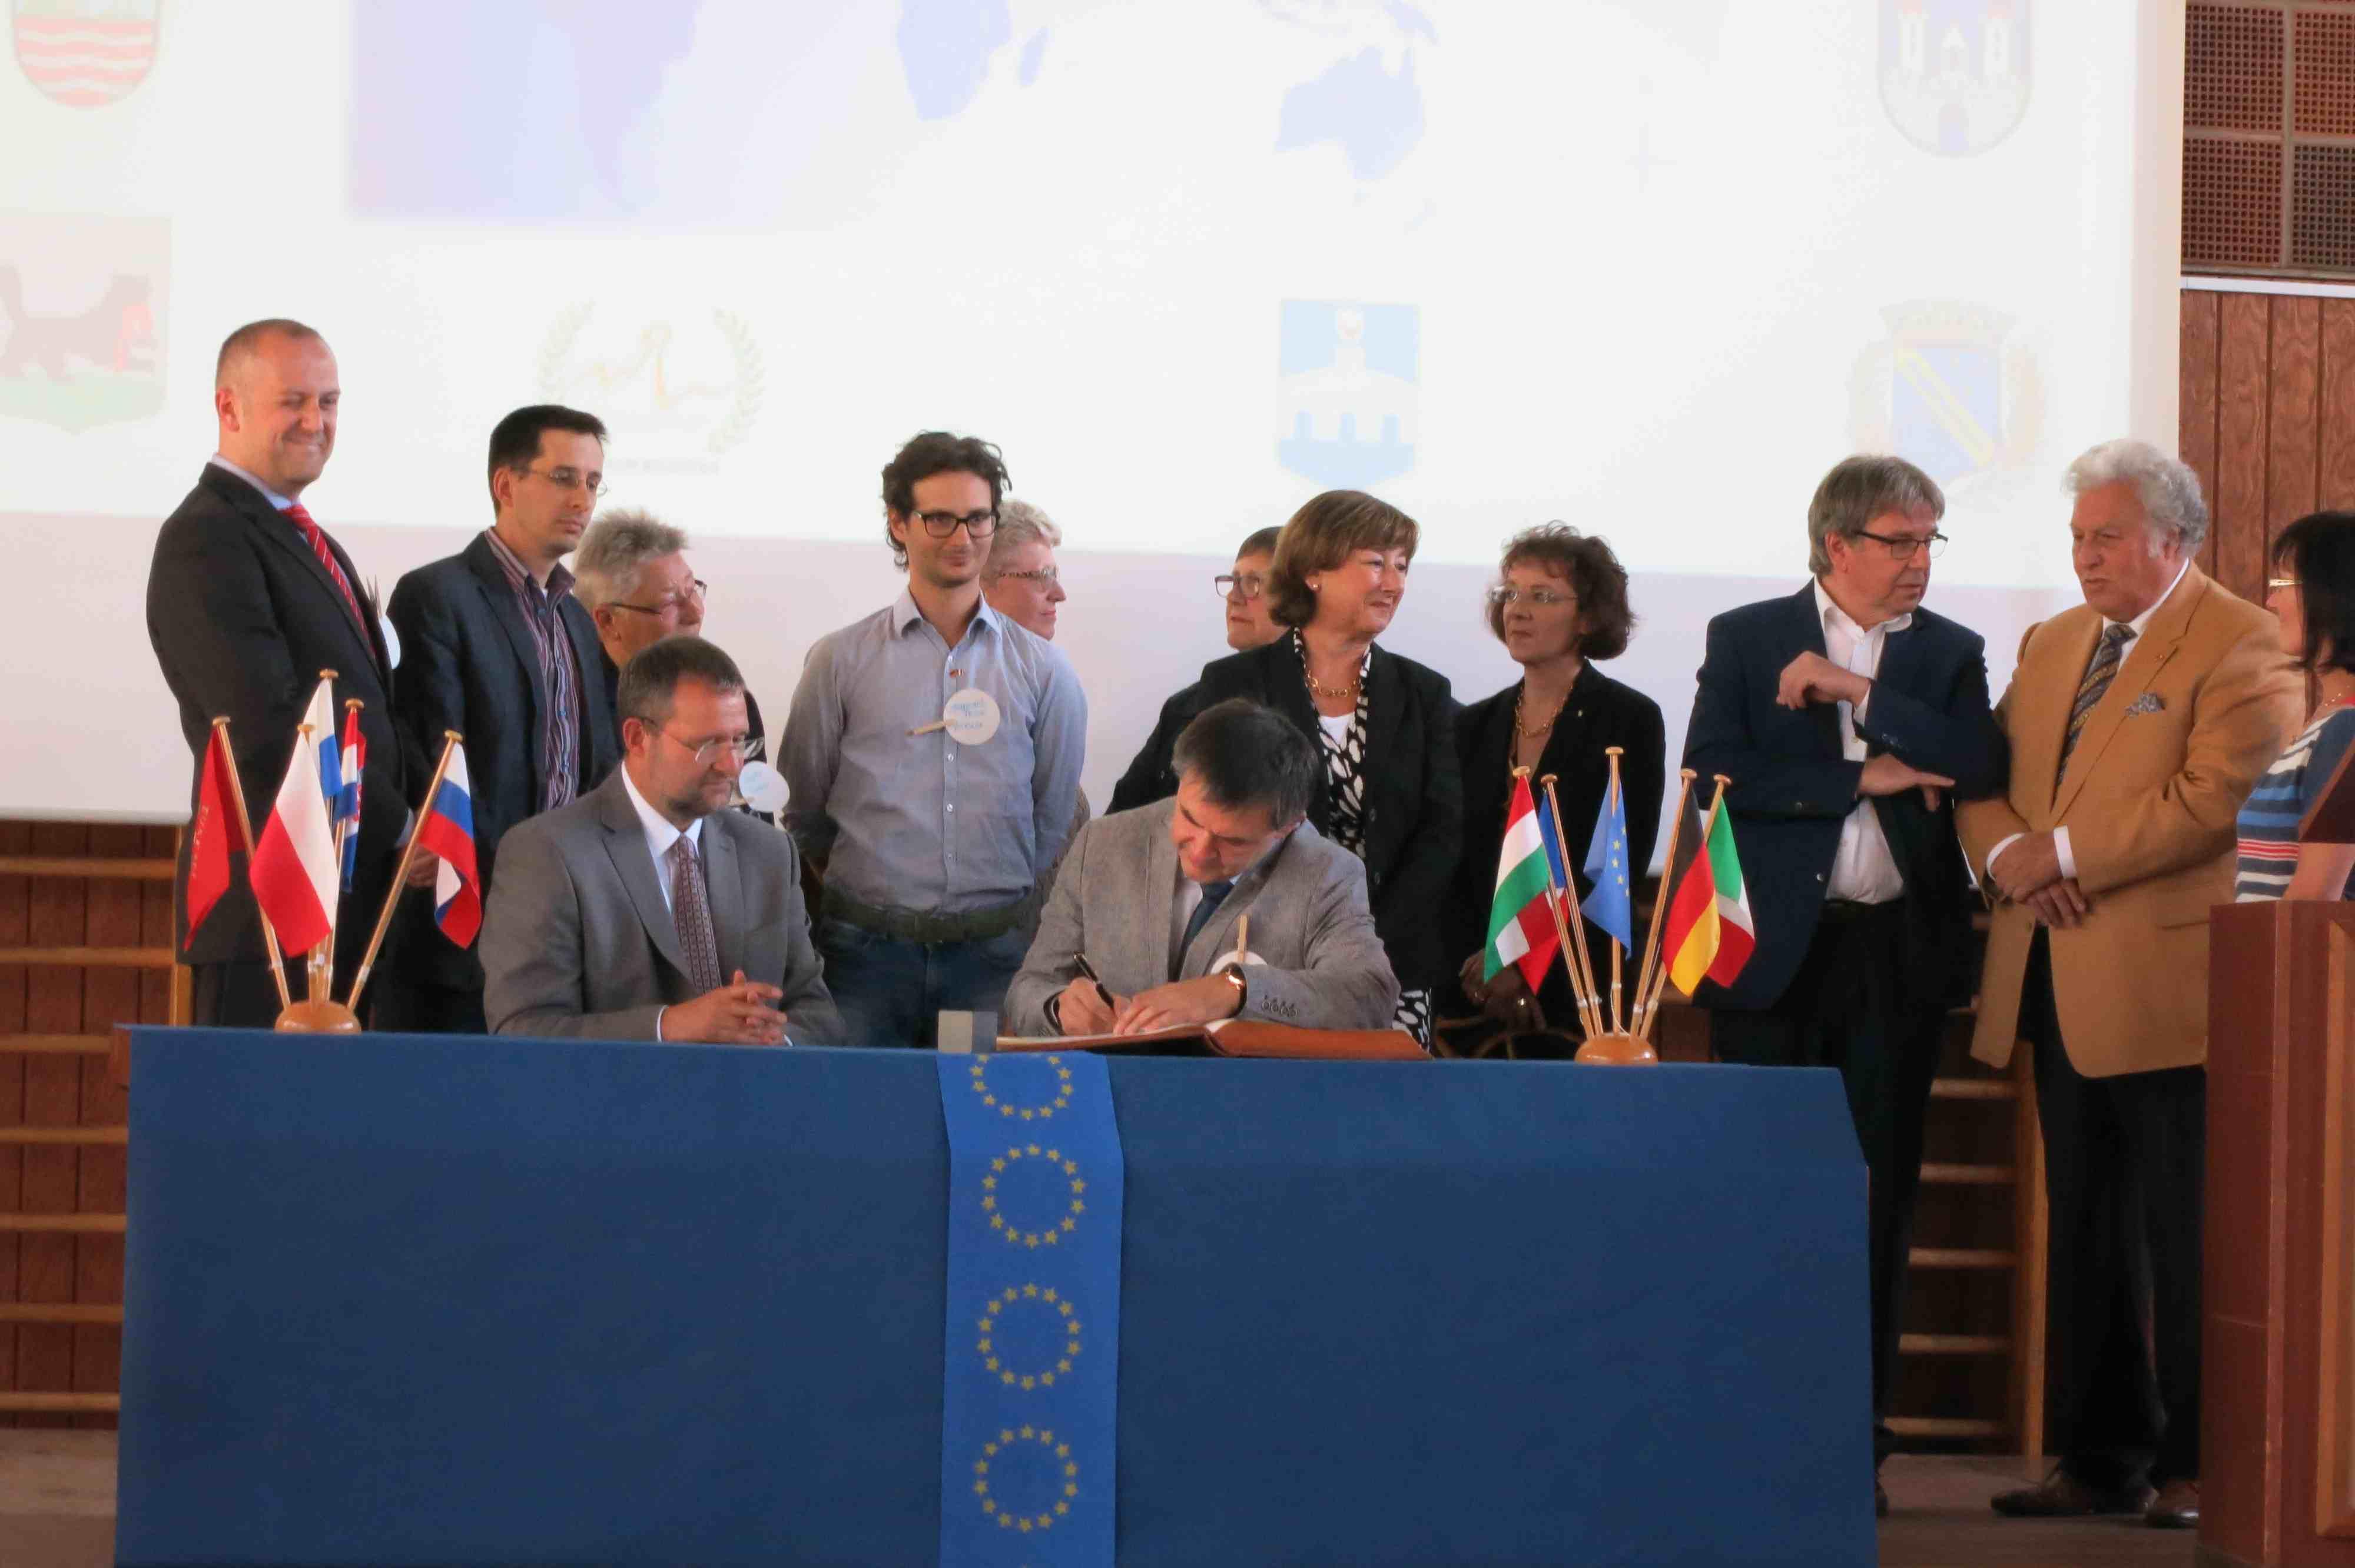 Partnerstädtetreffen in Pforzheim